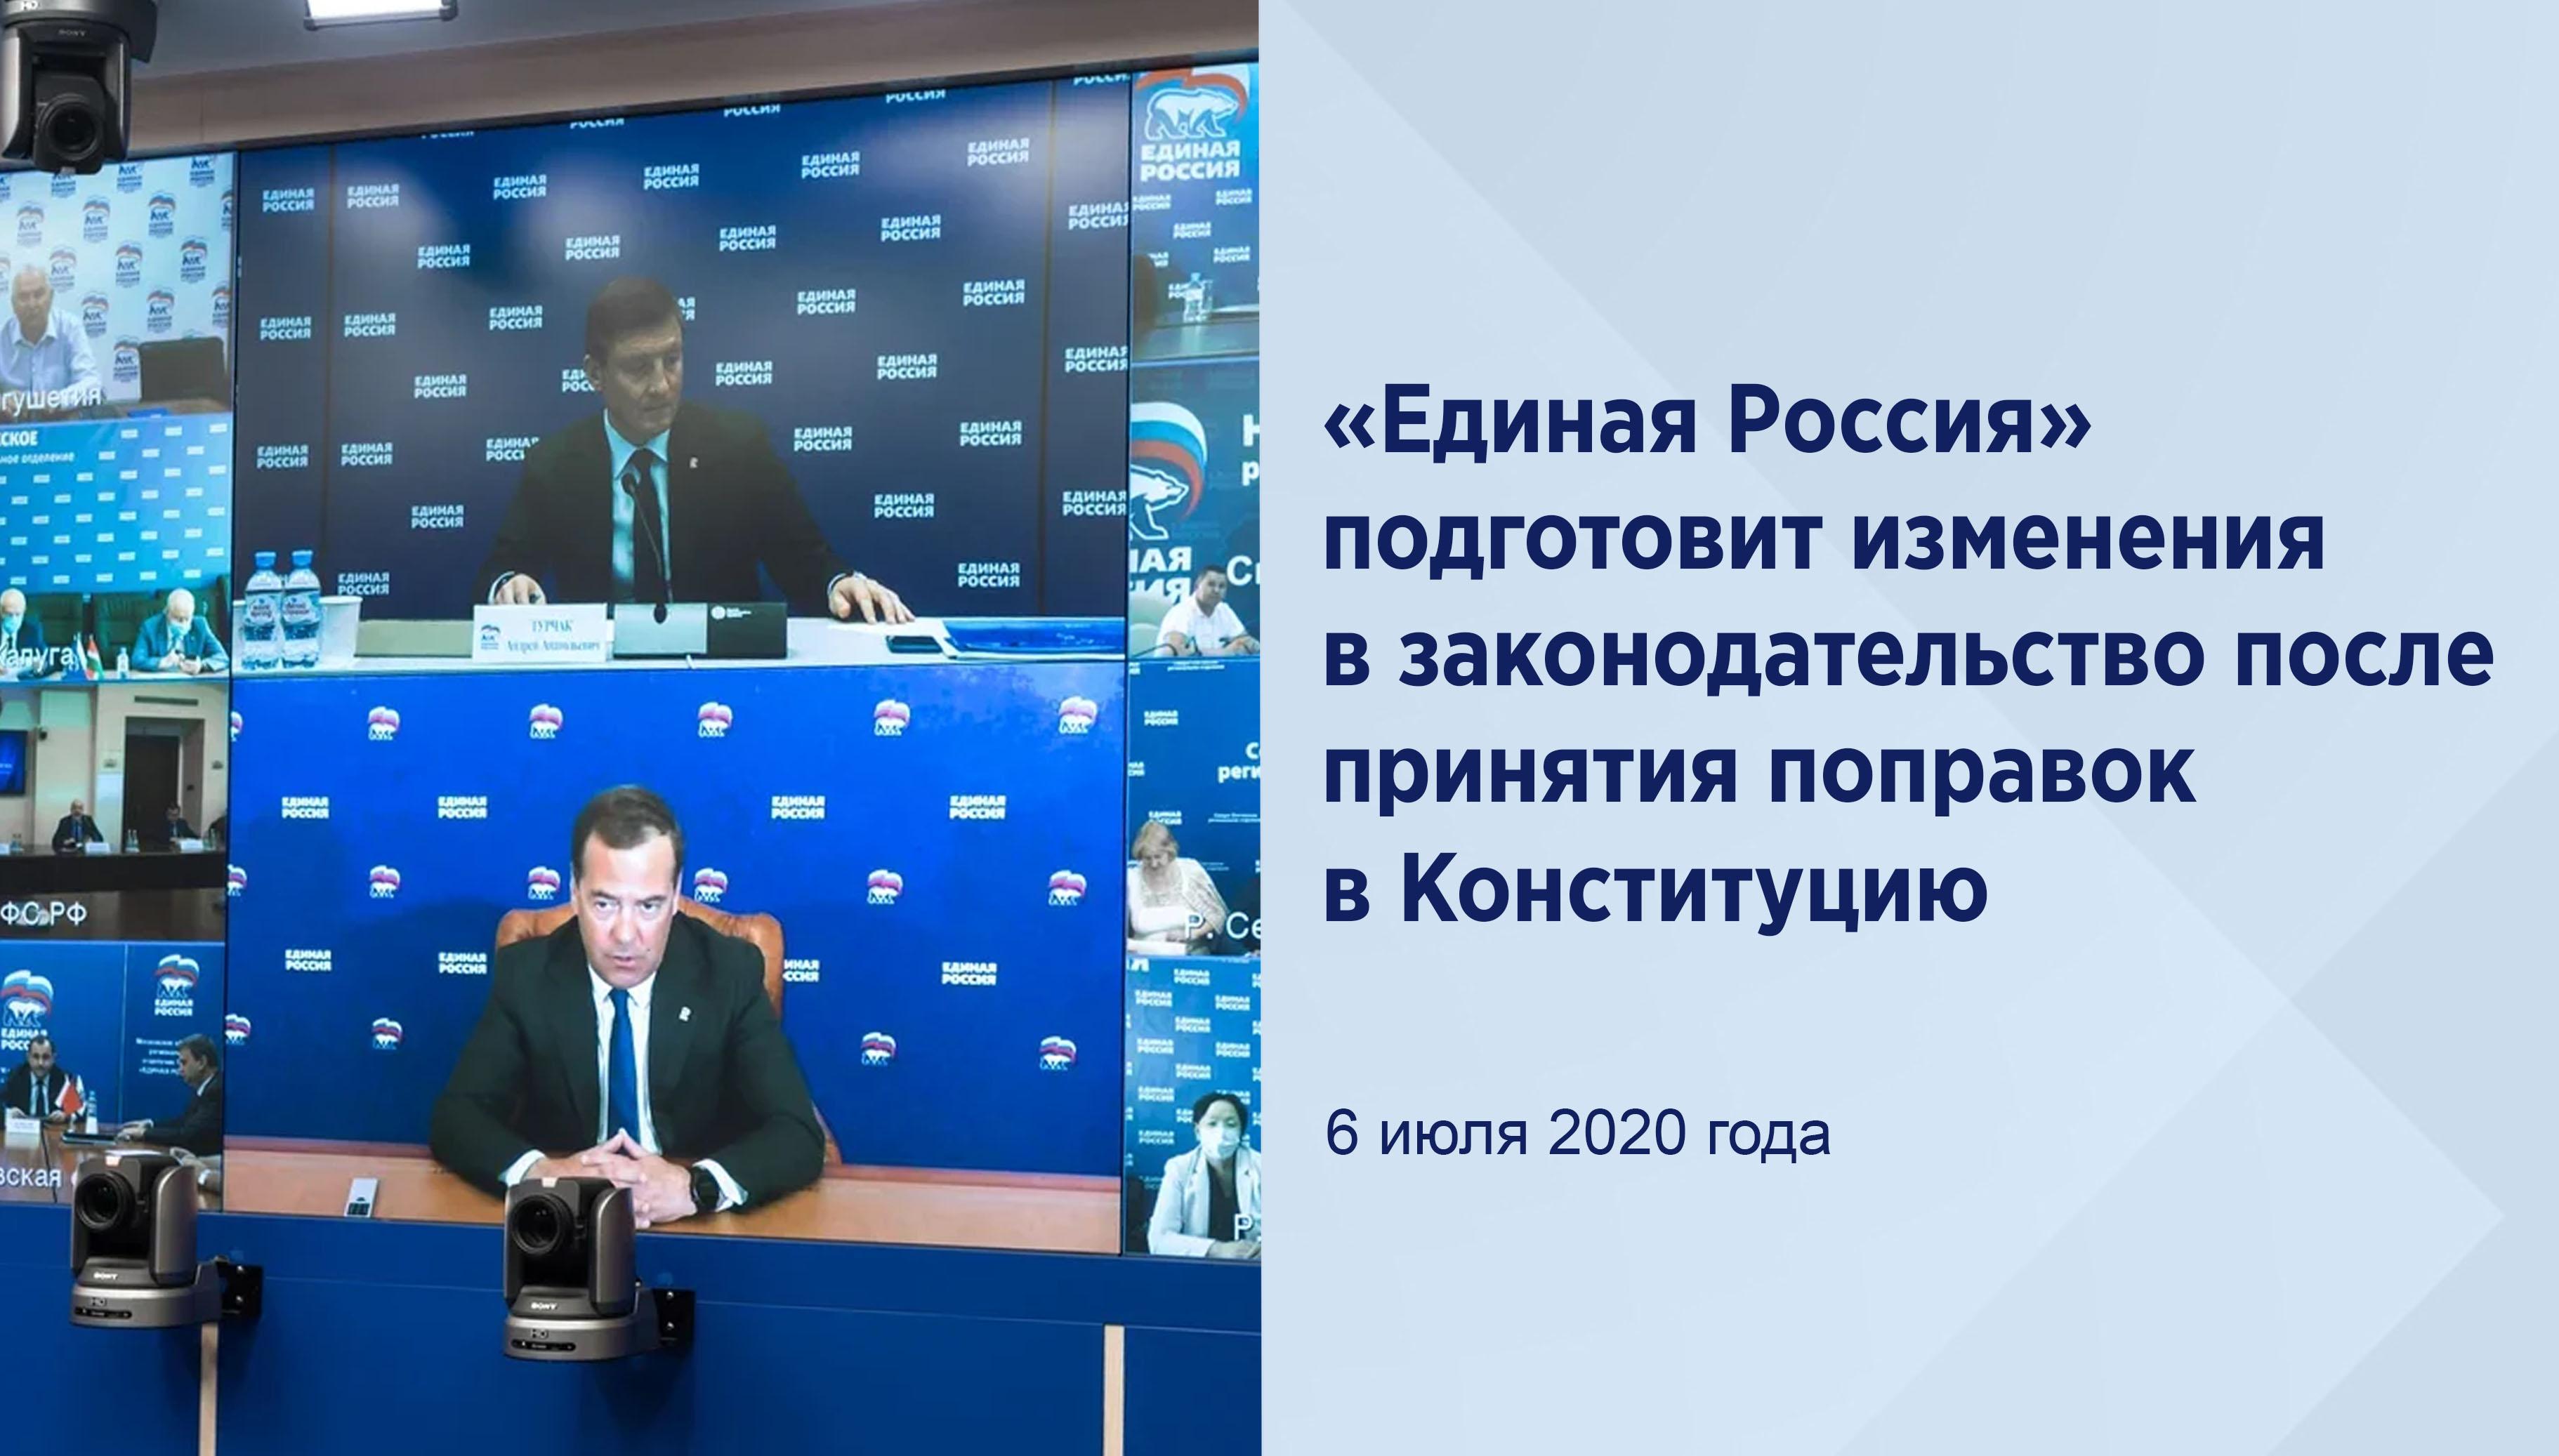 «Единая Россия» подготовитизменения в законодательство послепринятия поправок в Конституцию